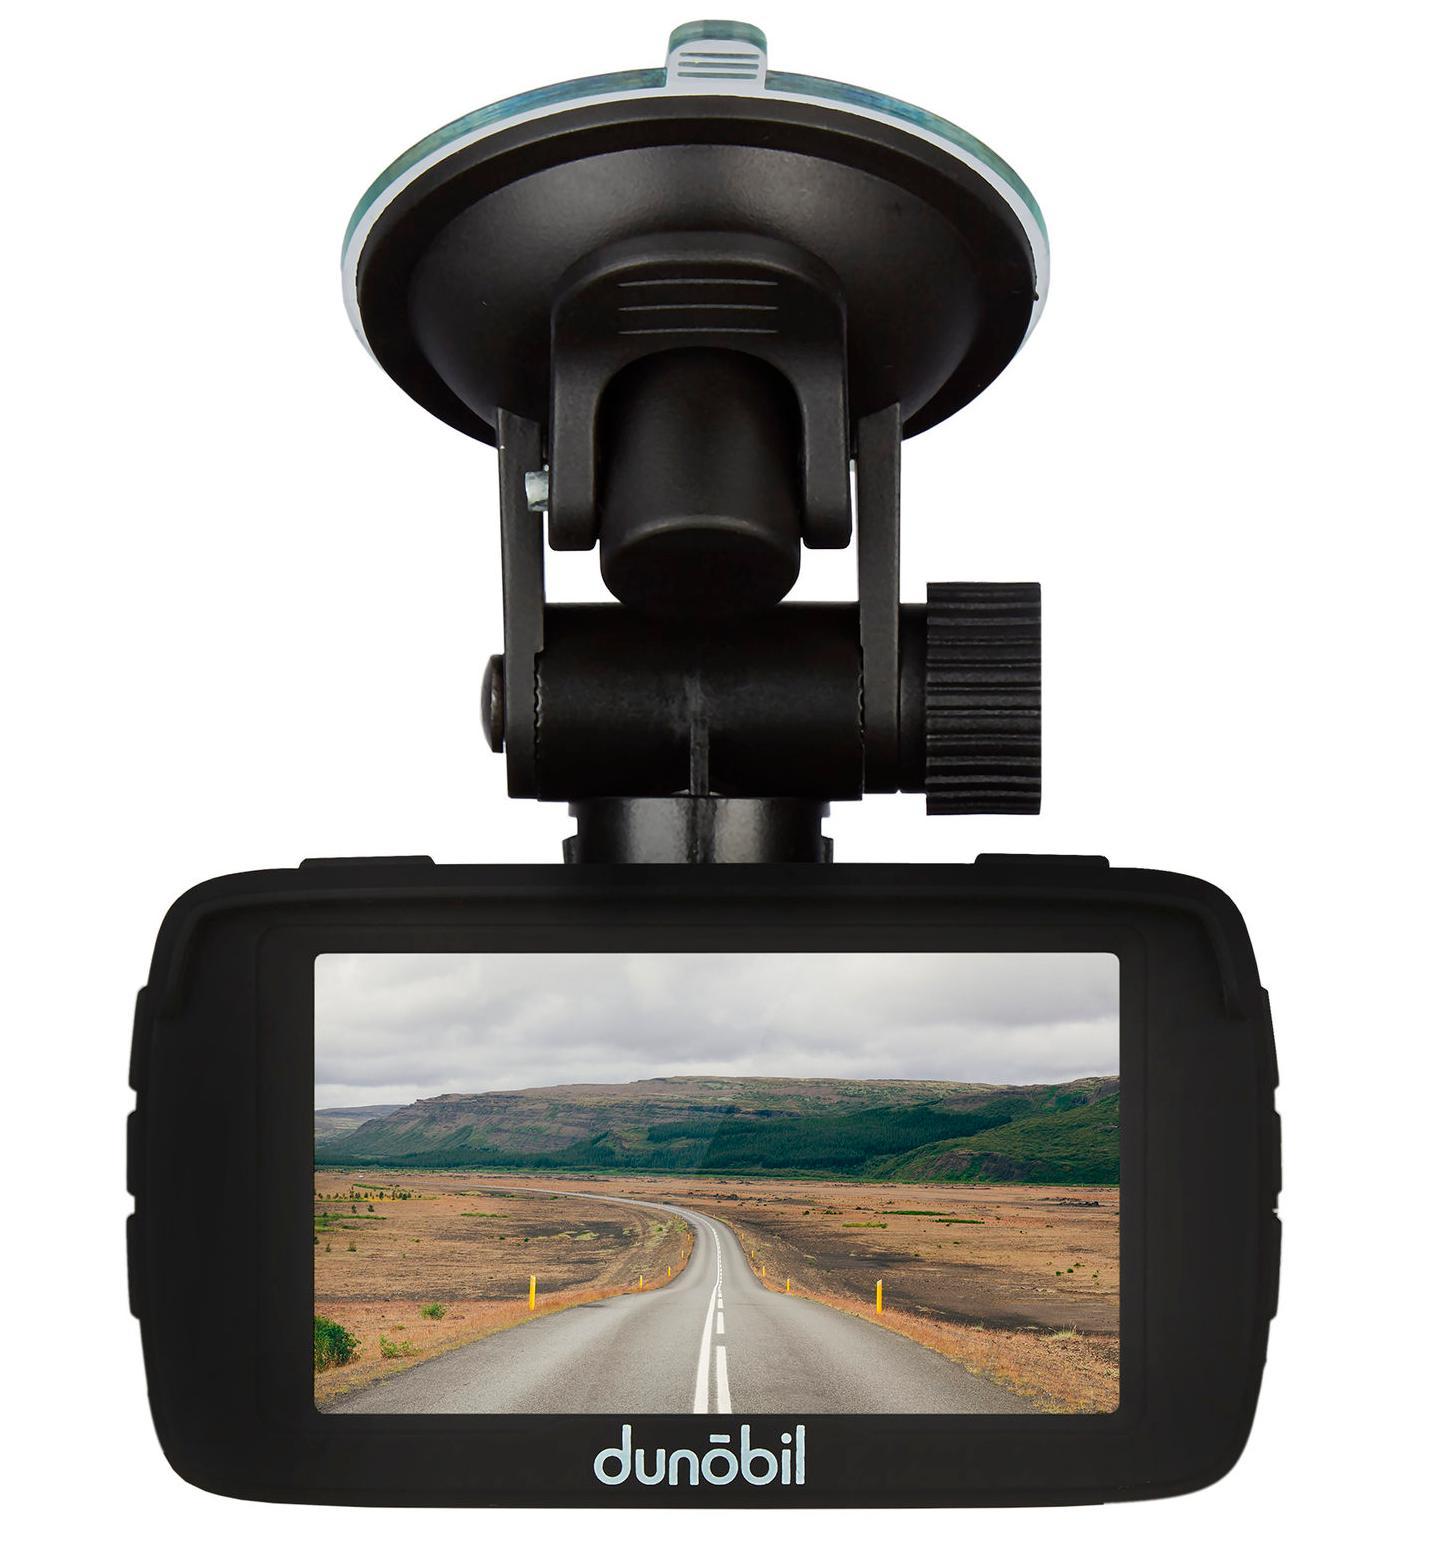 Гибридный видеорегистратор Dunobil Active signature (+ Антисептик-спрей для рук в подарок!) dunobil magna разветвитель в подарок